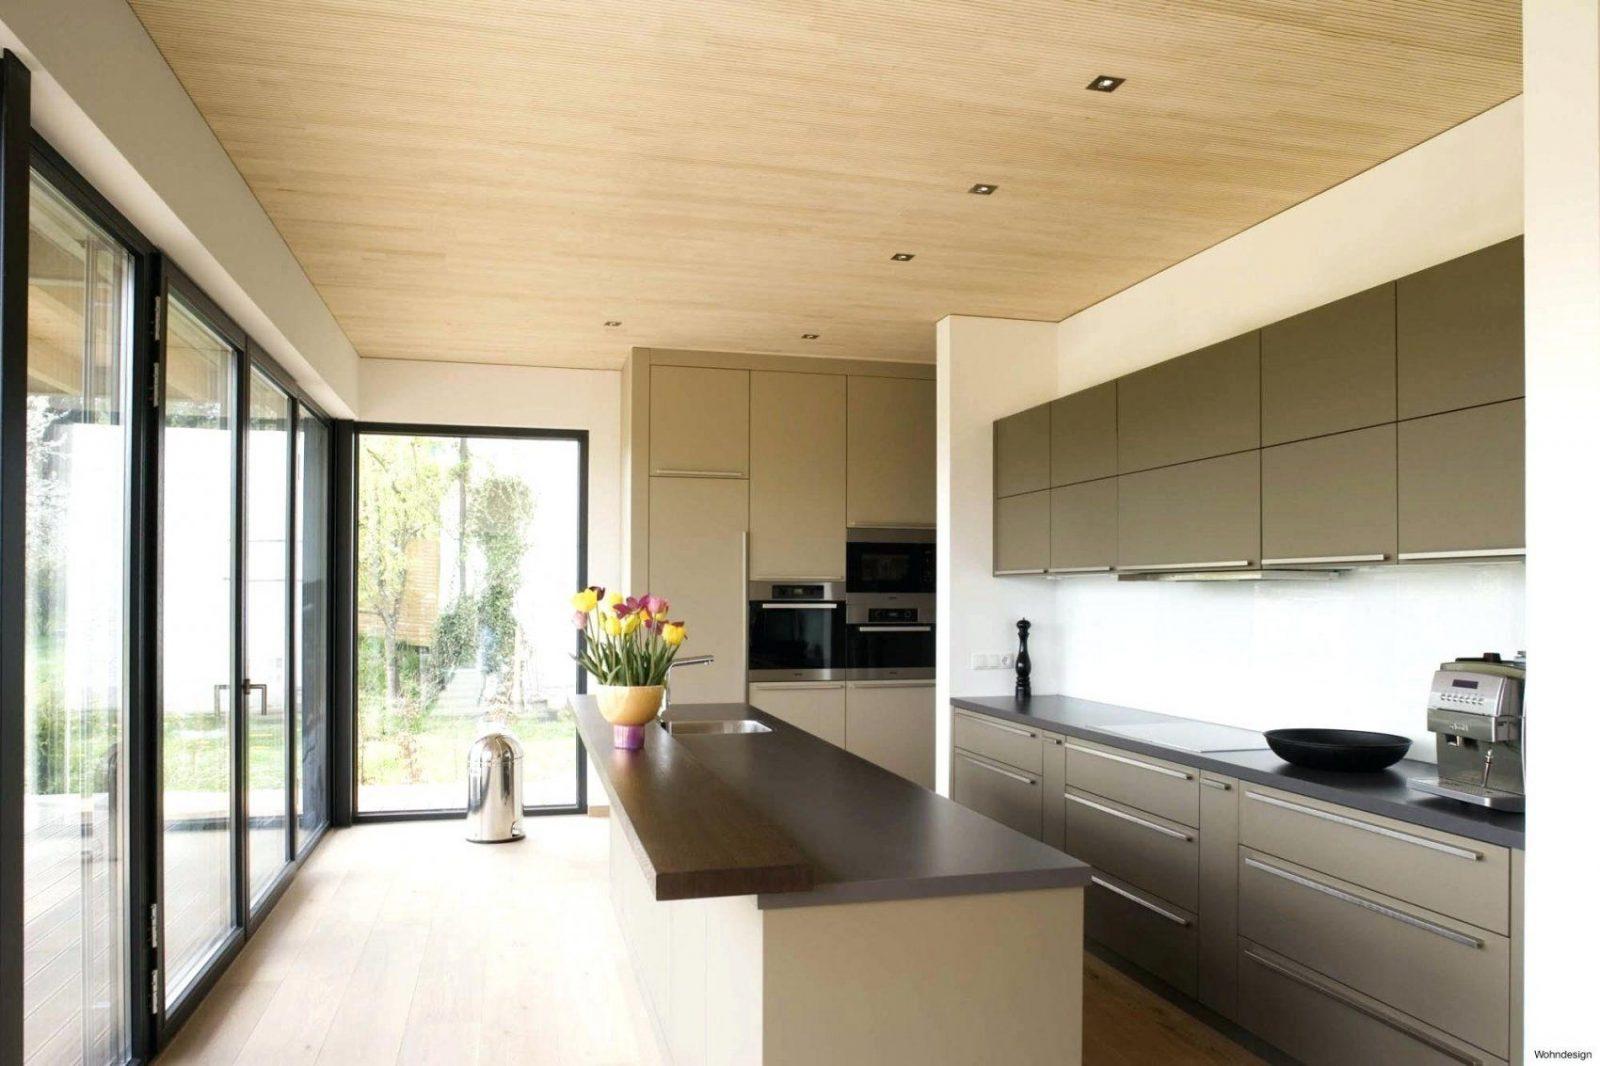 Holzdecke Lasieren Geraumiges Wohndesign Streichen Ohne Abschleifen von Braune Holzdecke Weiß Streichen Photo